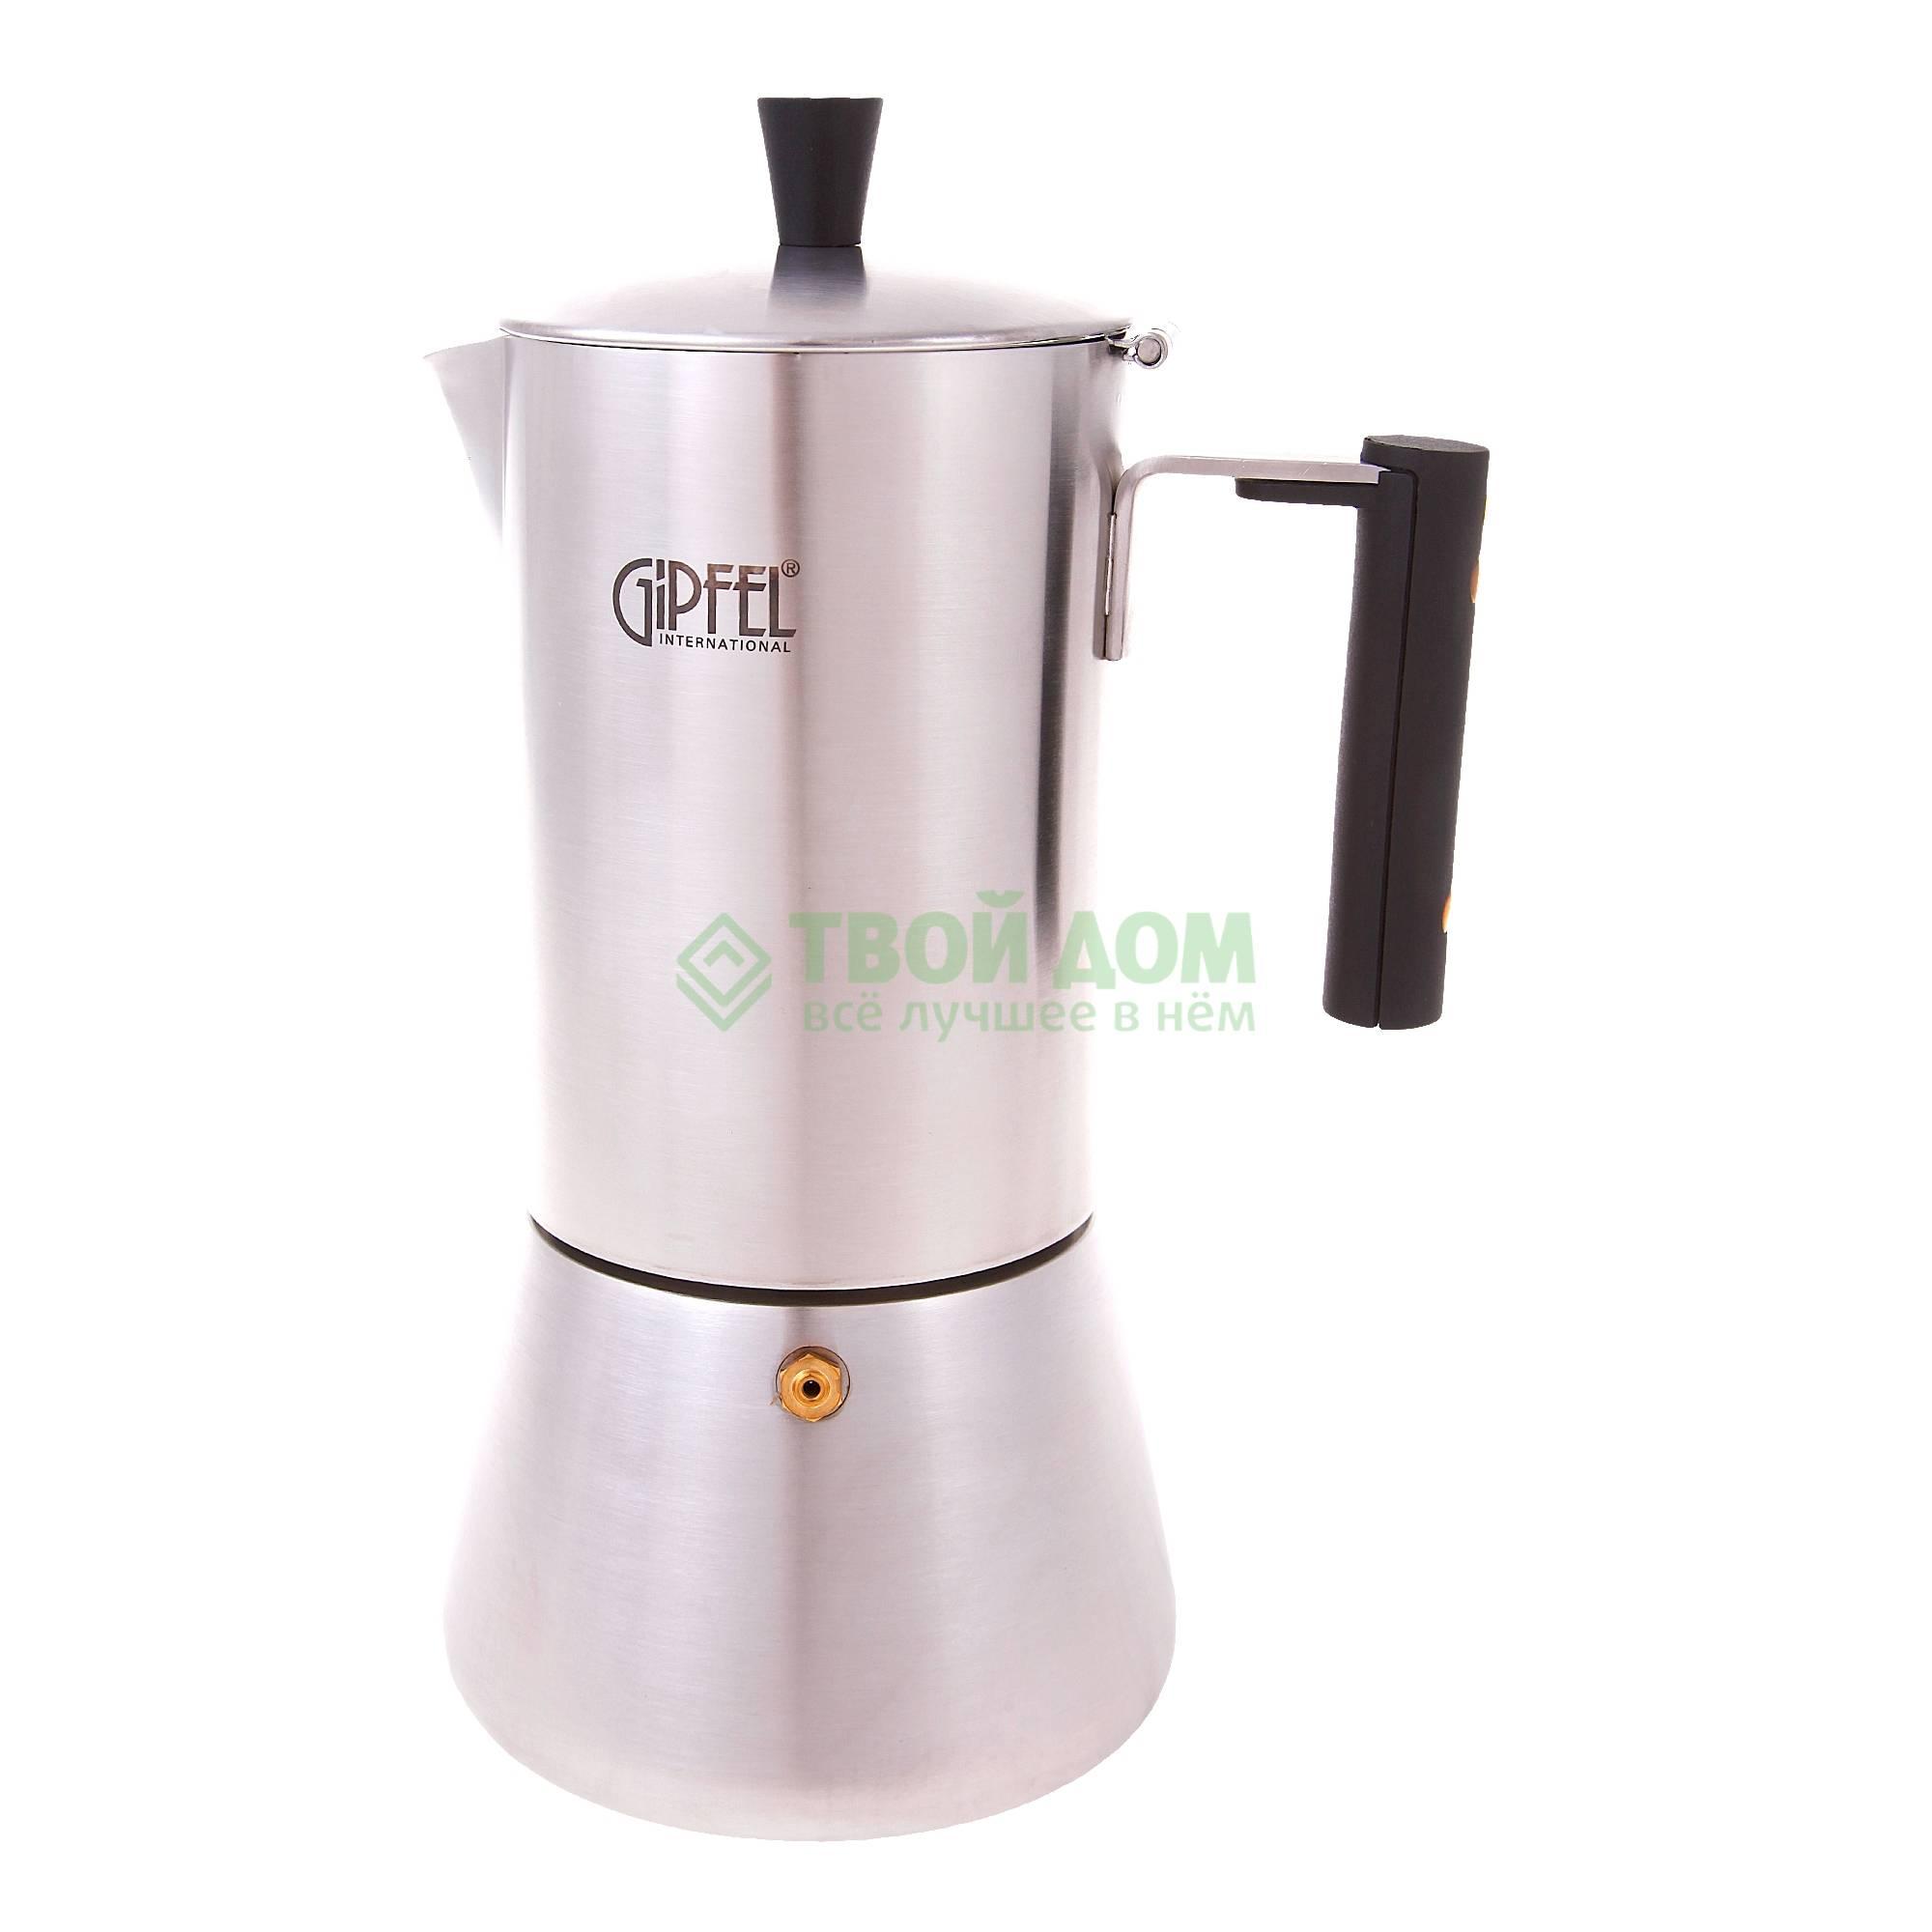 Инструкция к гейзерной кофеварке gipfel, особенности эксплуатации